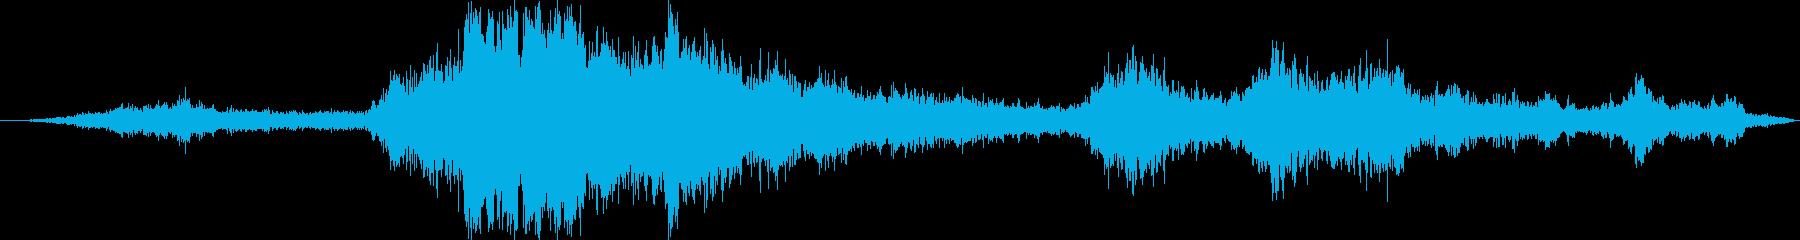 軍事F / A-18:内線:アフタ...の再生済みの波形